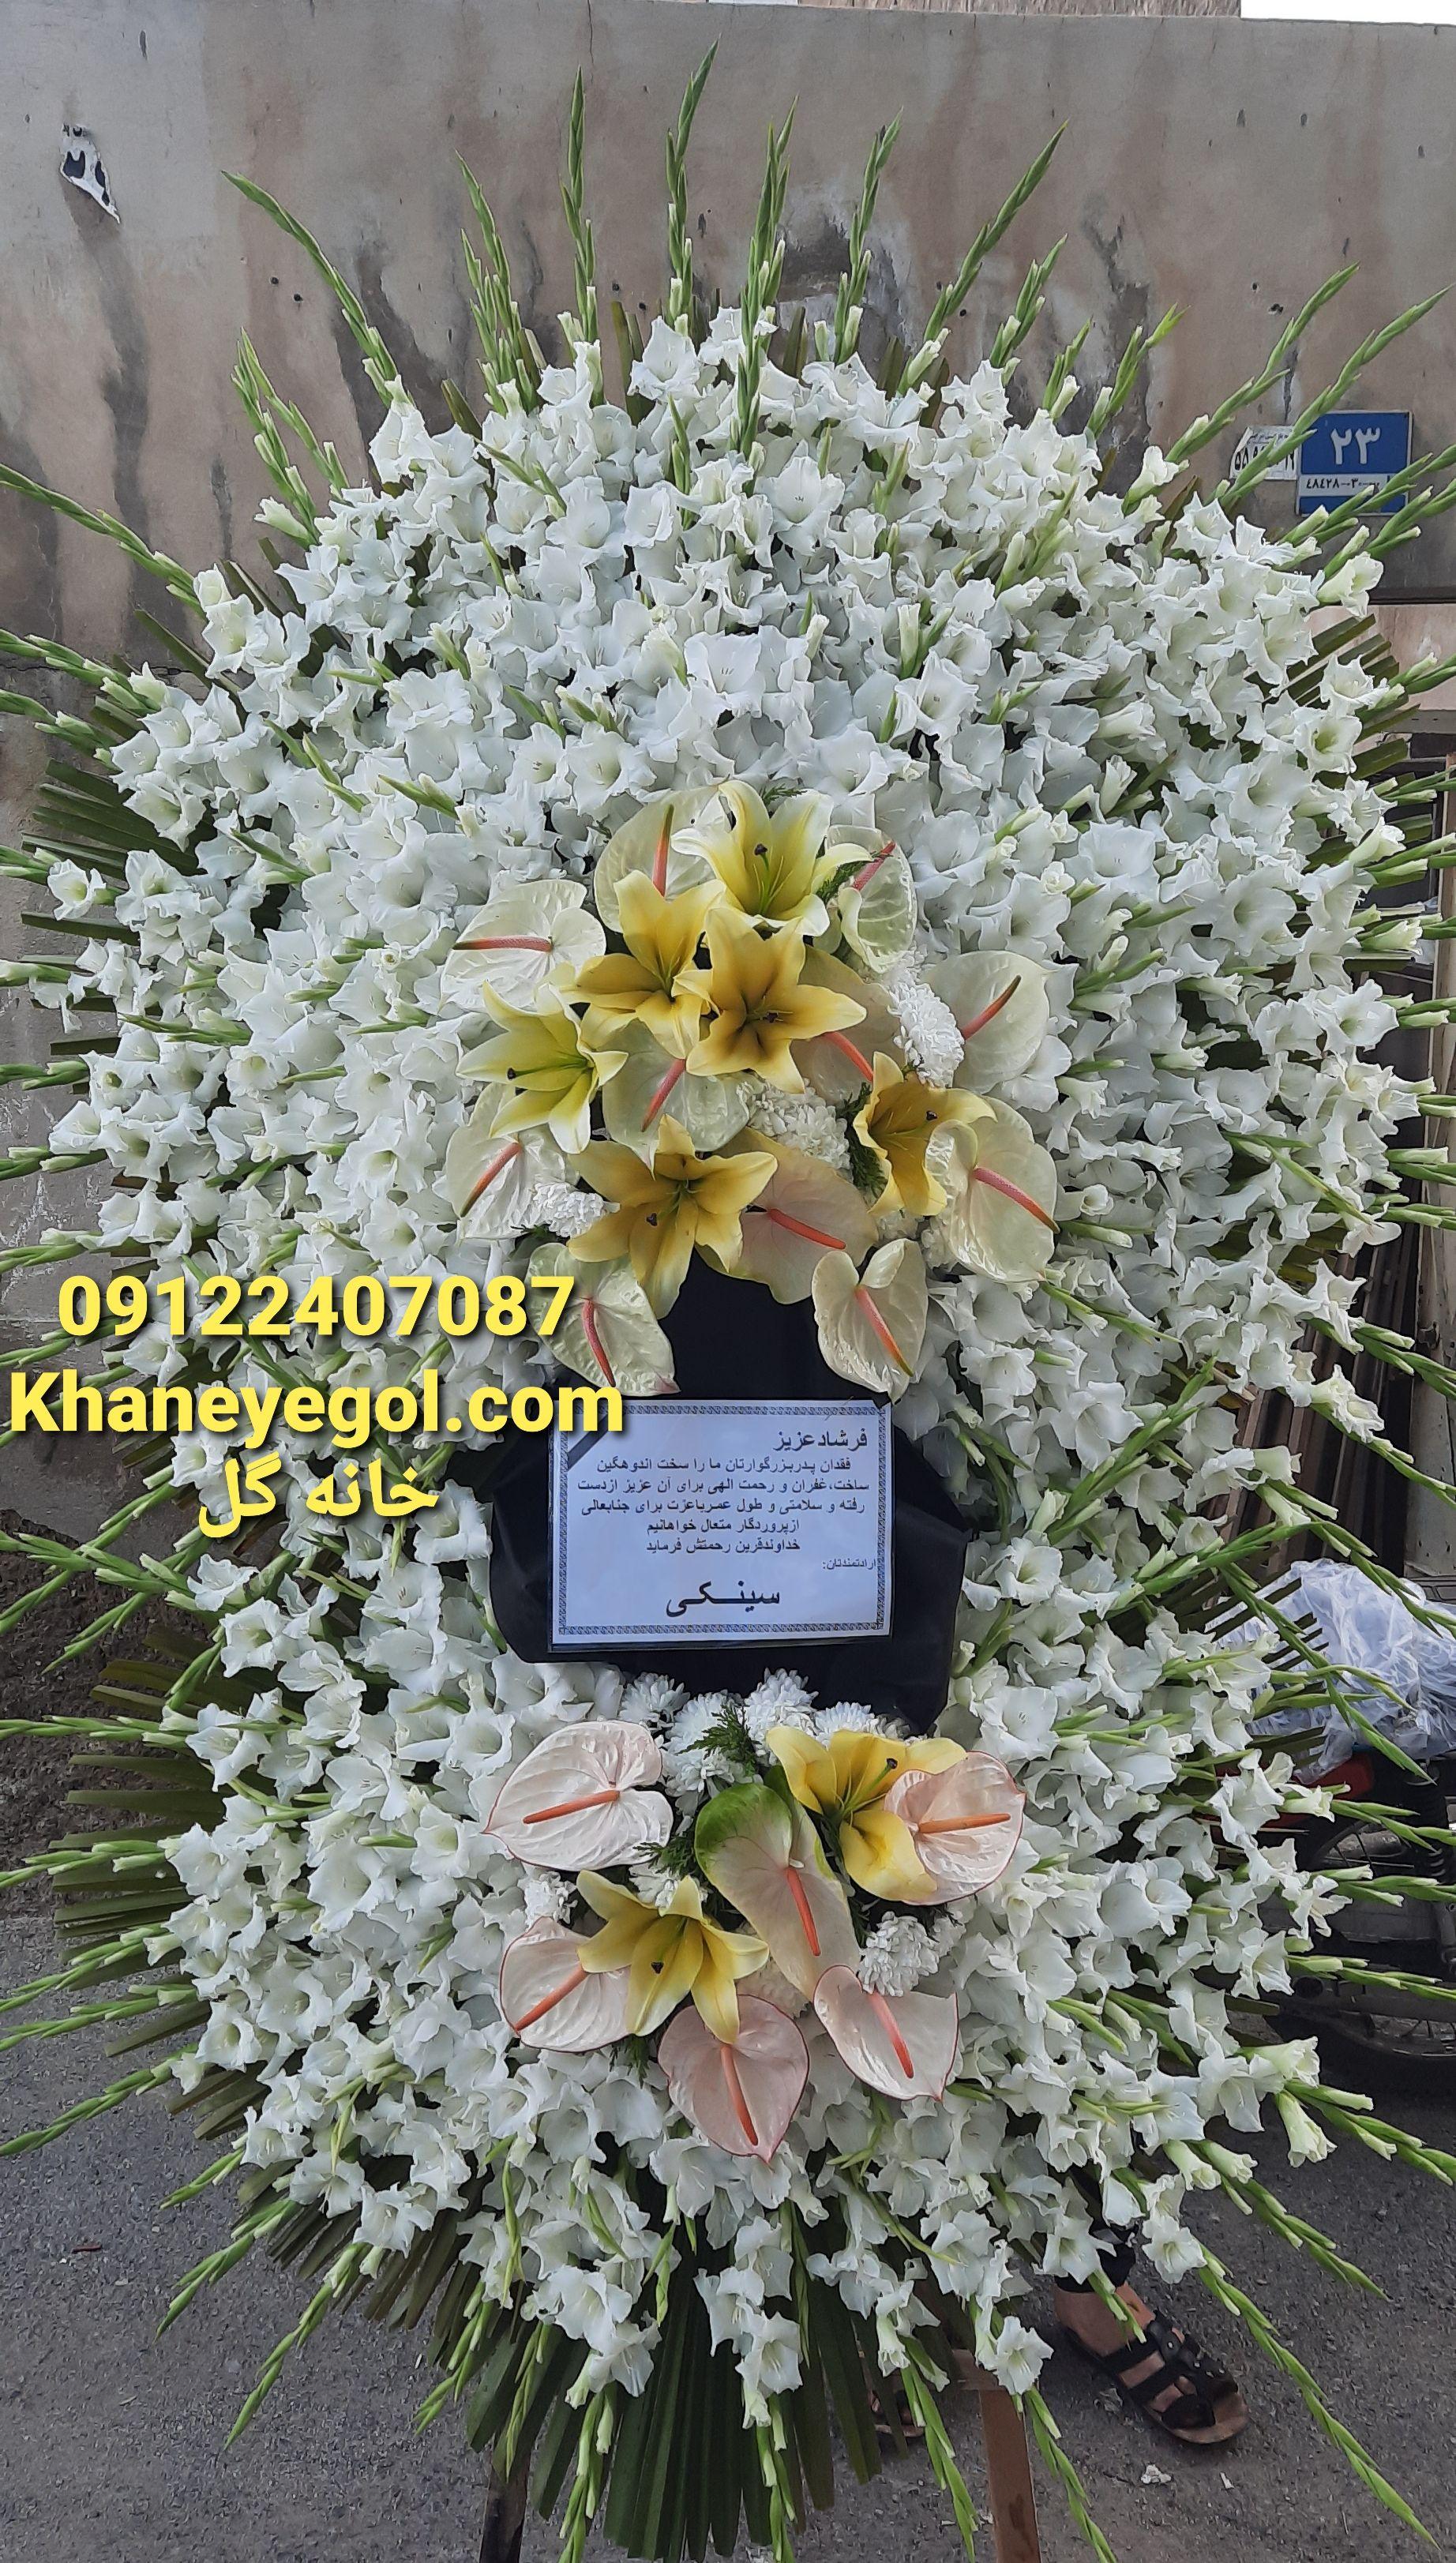 تاج گل ترحیم قیمت650هزار تومان Floral Floral Wreath Wreaths